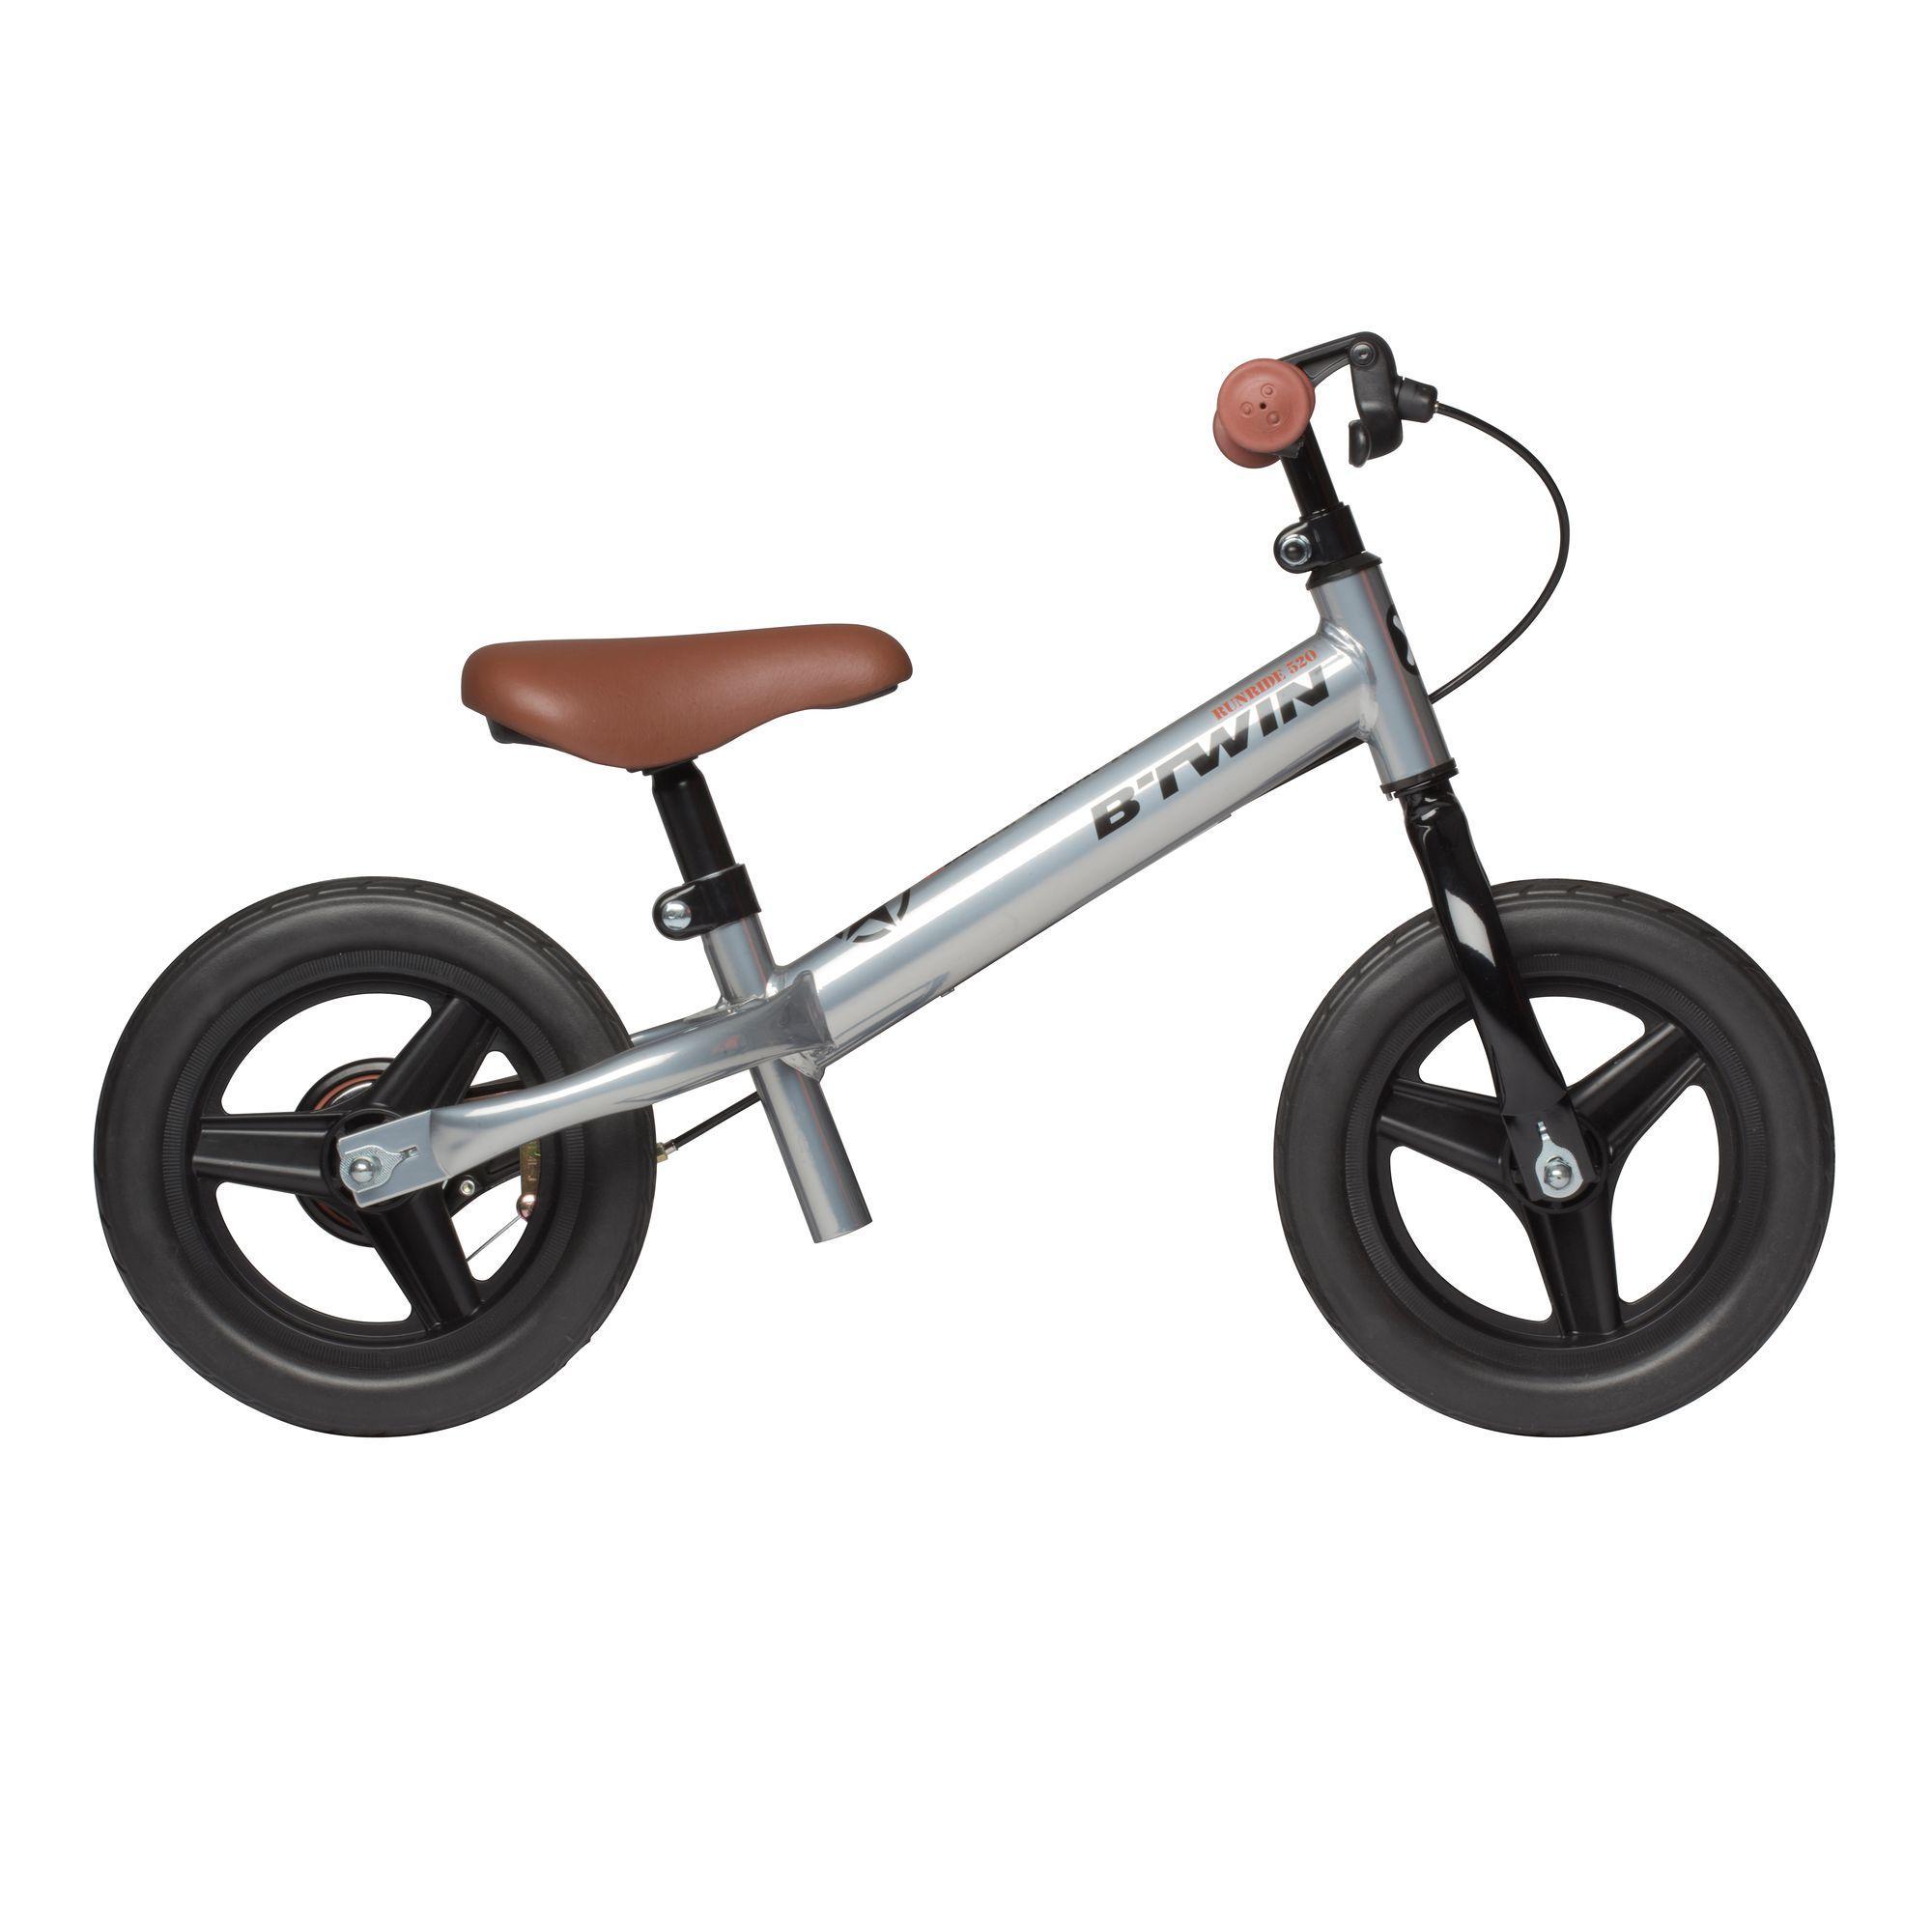 B'twin Loopfietsje Run Ride voor kinderen, 10 inch, Cruiser zilver - unieke grootte